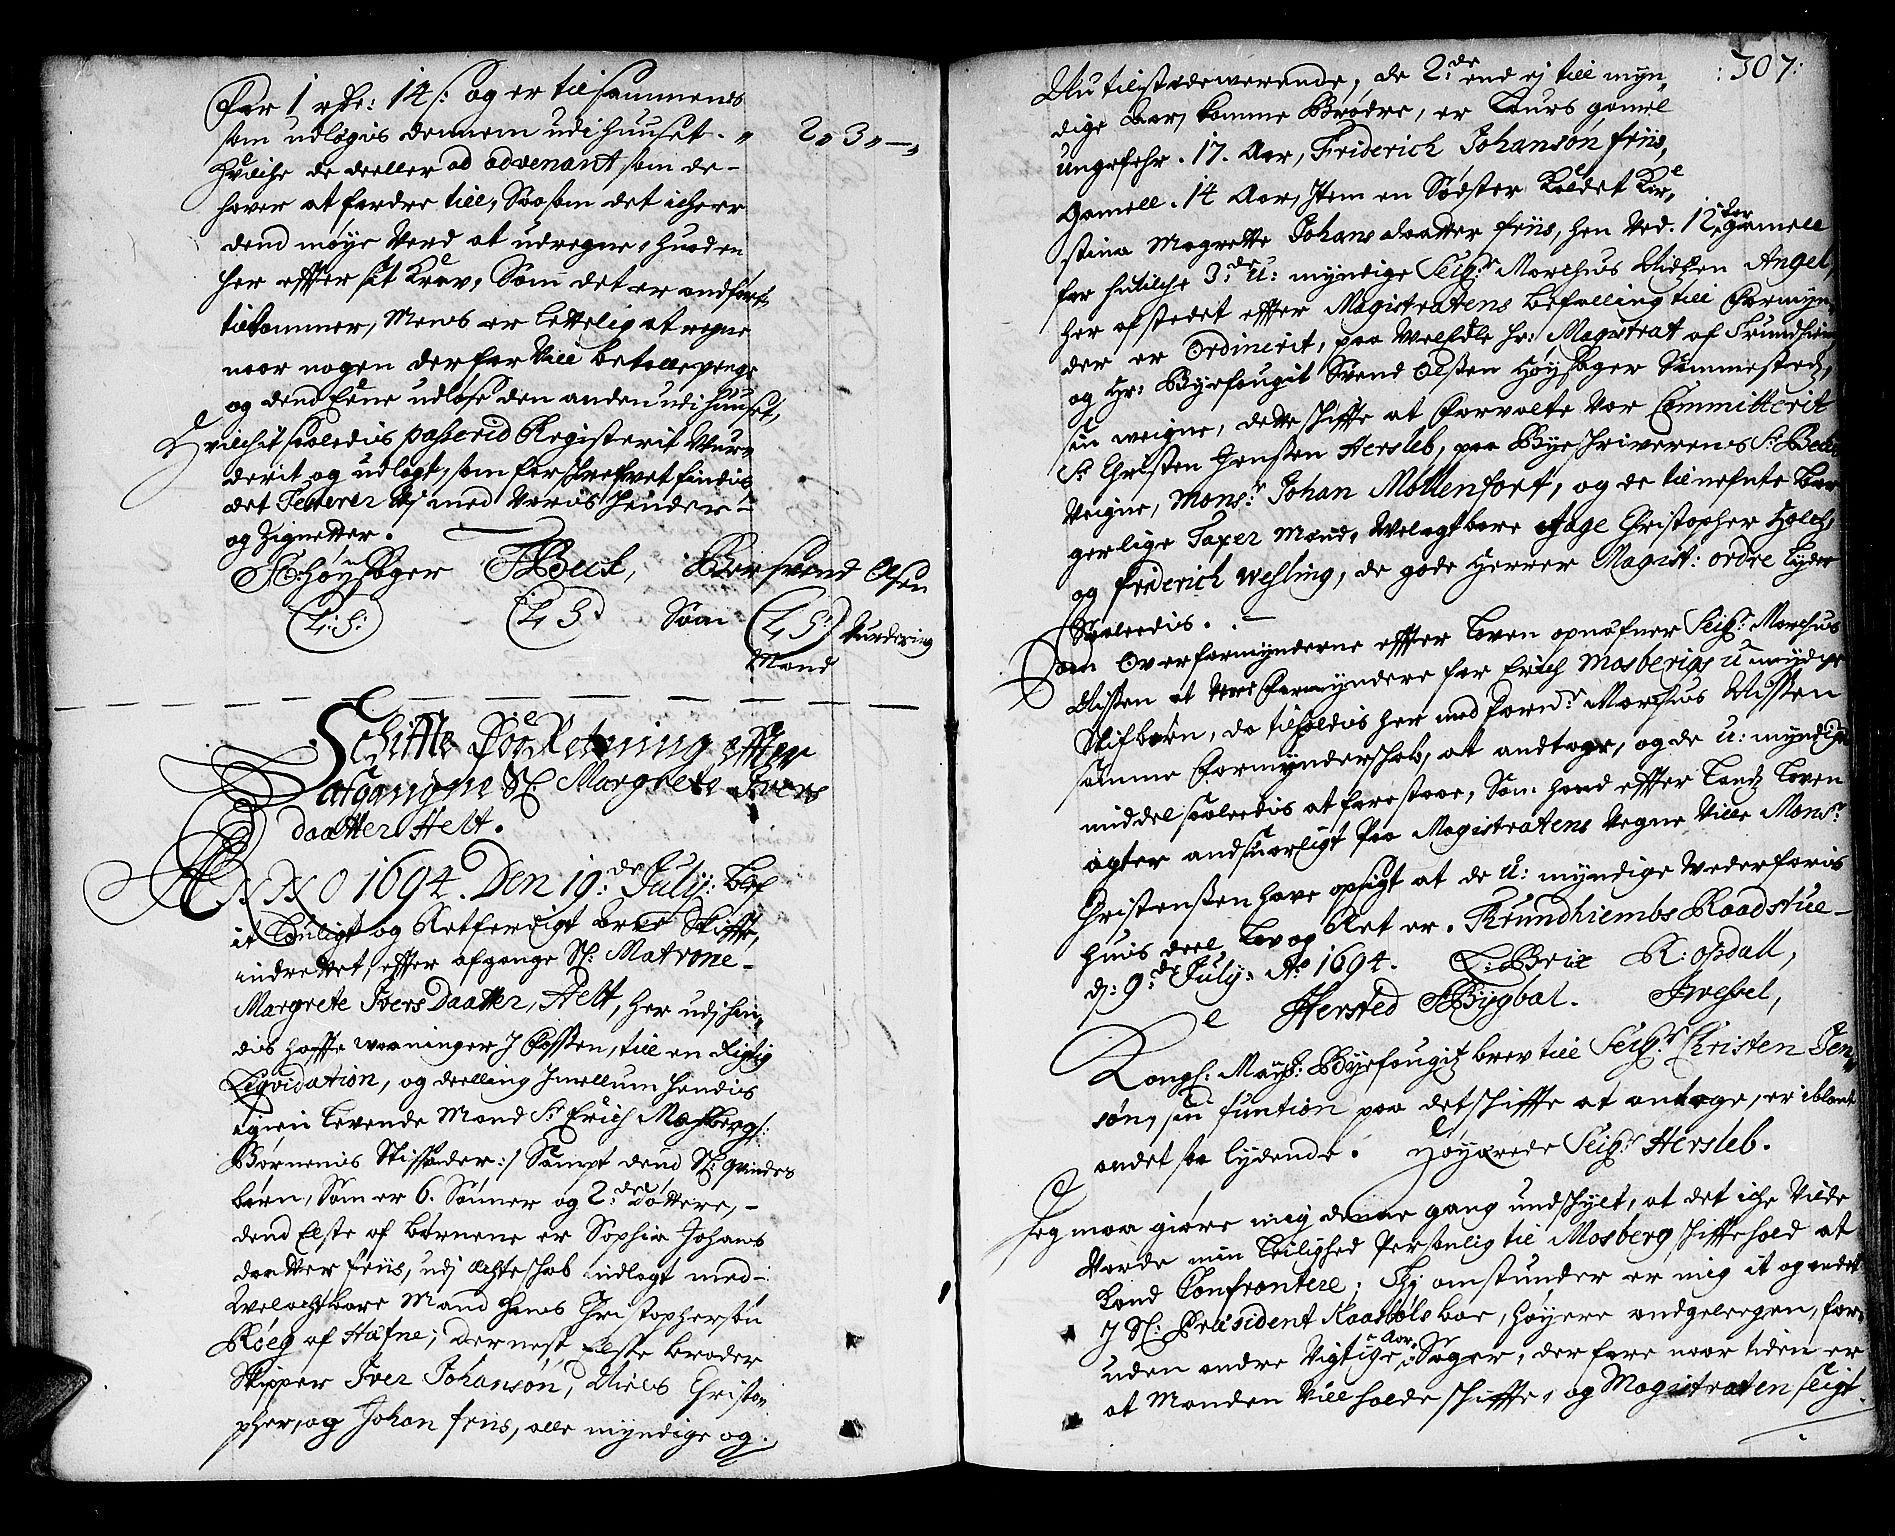 SAT, Trondheim byfogd, 3/3A/L0003: Skifteprotokoll - gml.nr.3. (m/ register), 1690-1696, s. 306b-307a